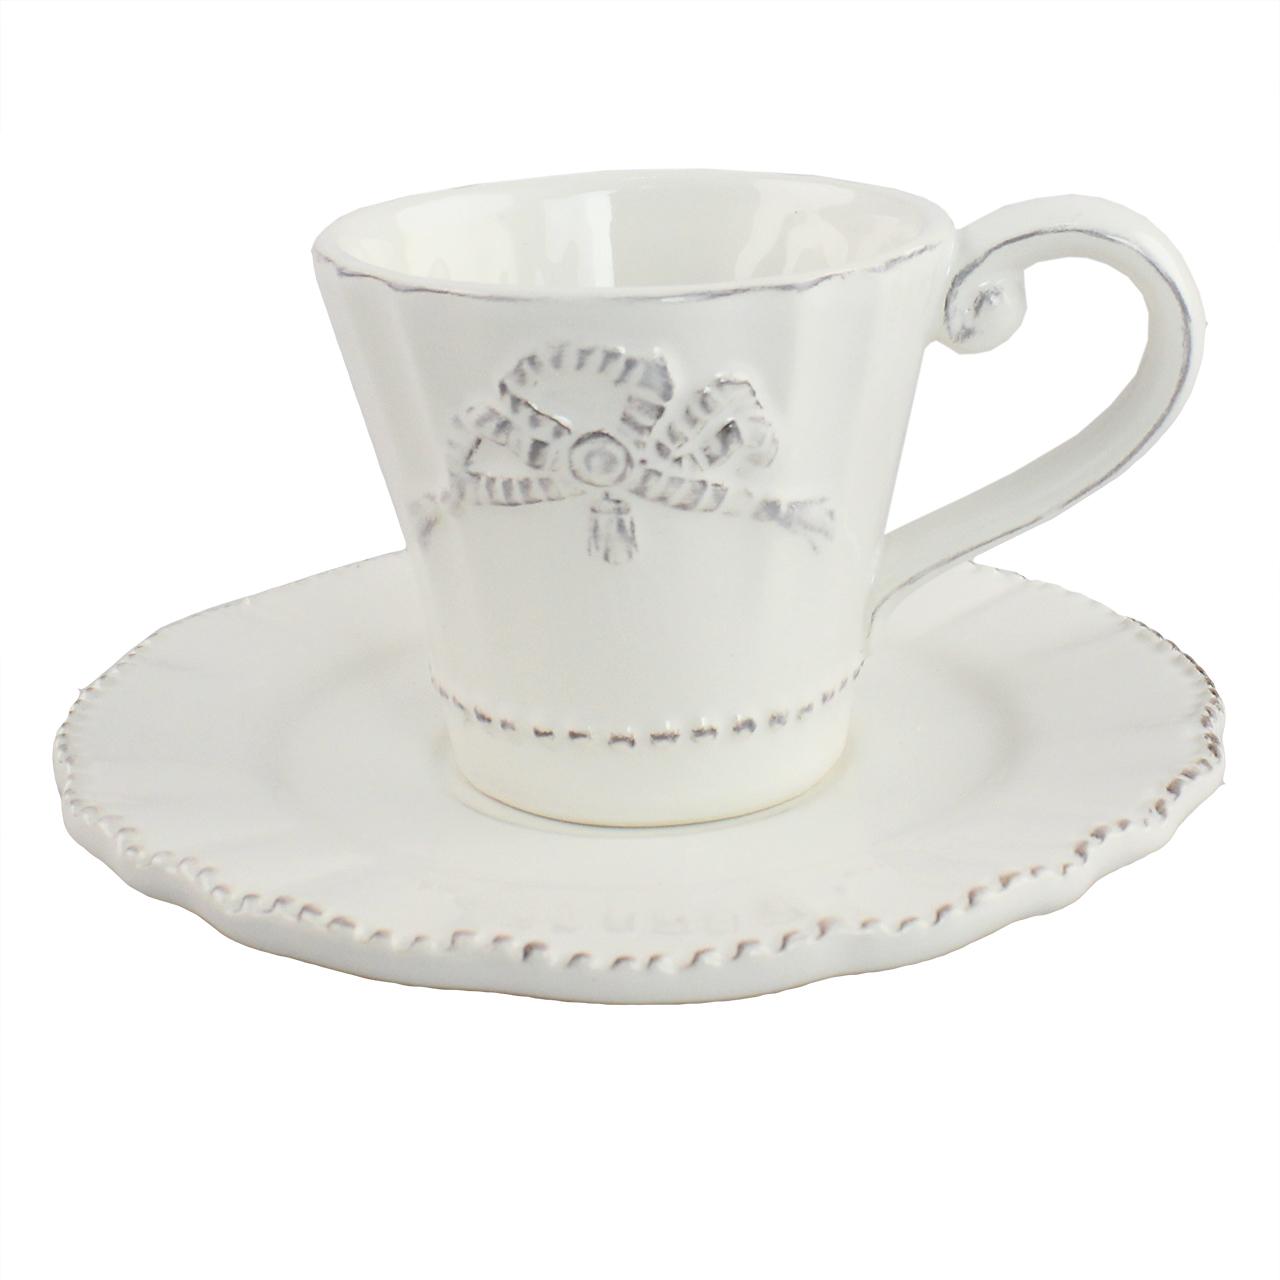 Ceasca De Cafea Cu Farfurie Din Ceramica Alba Cu F